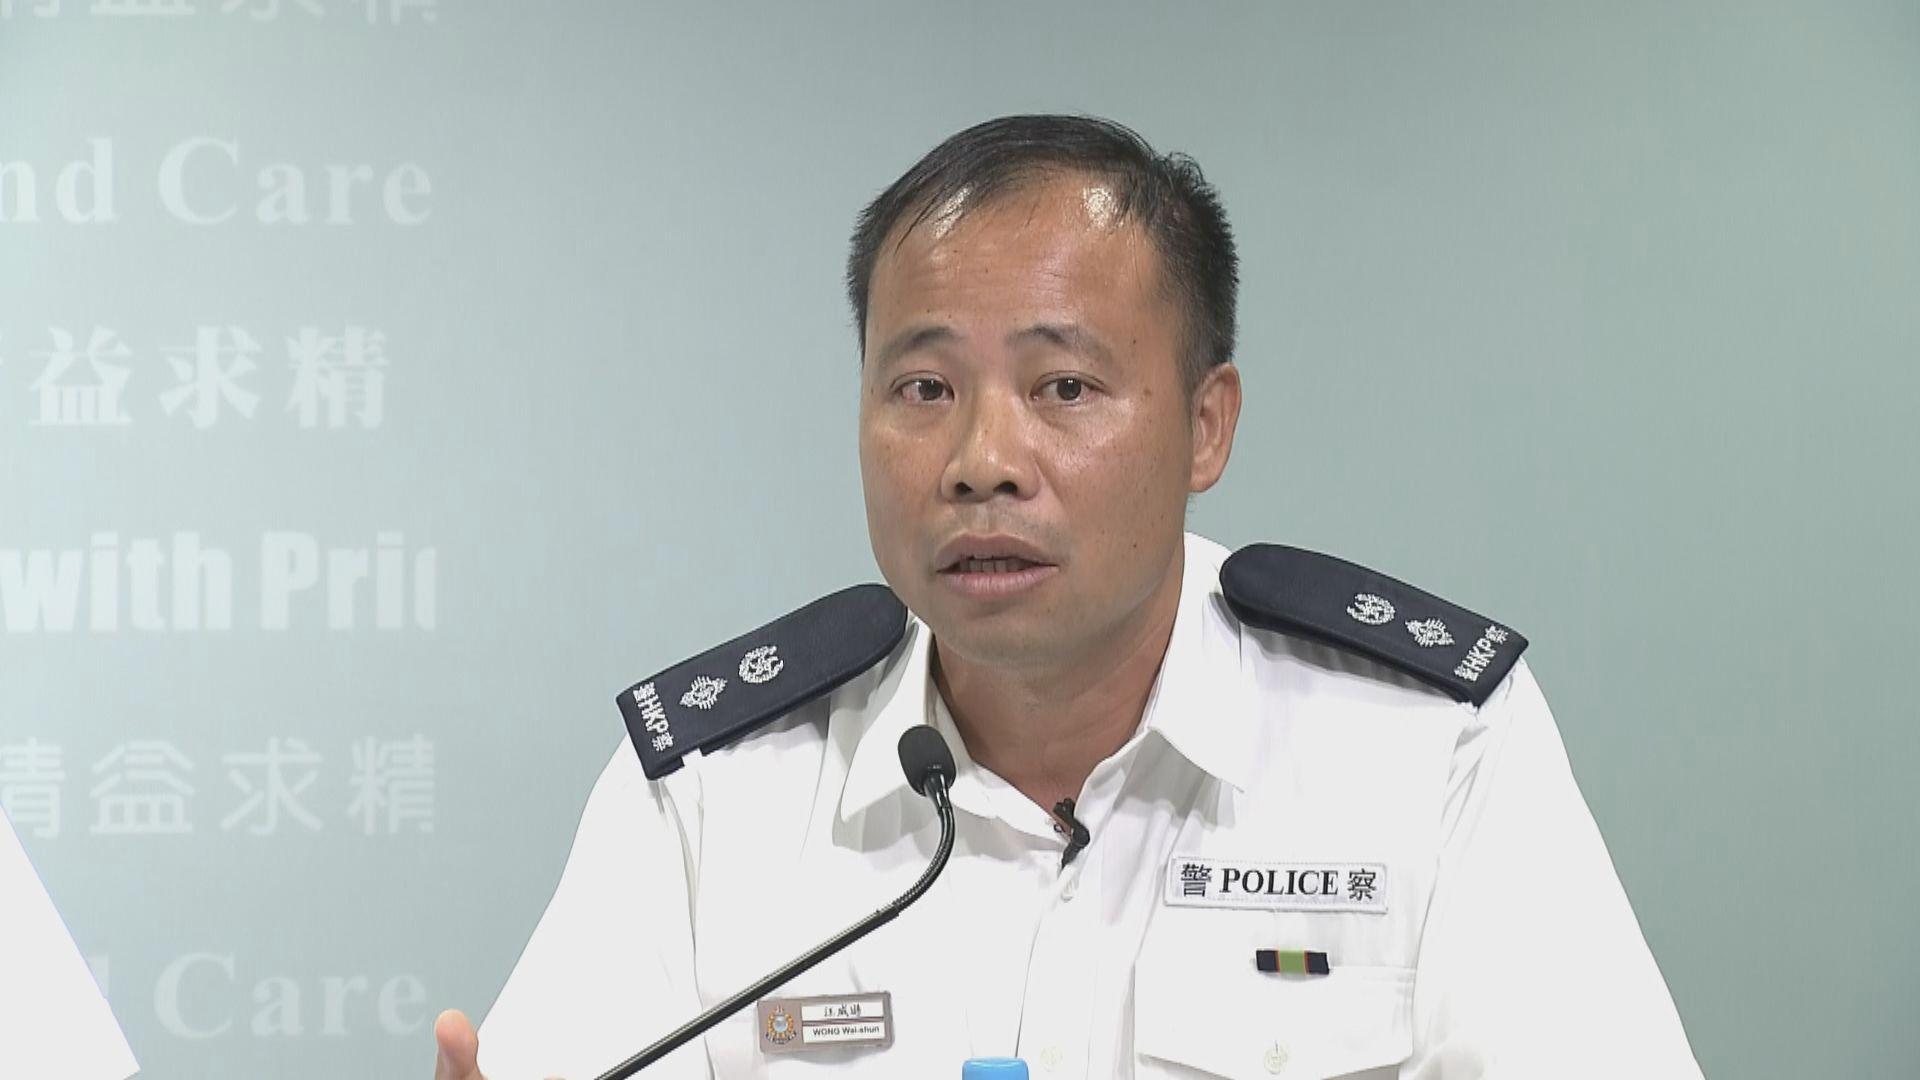 警方承認修改程序手冊令執行更清晰